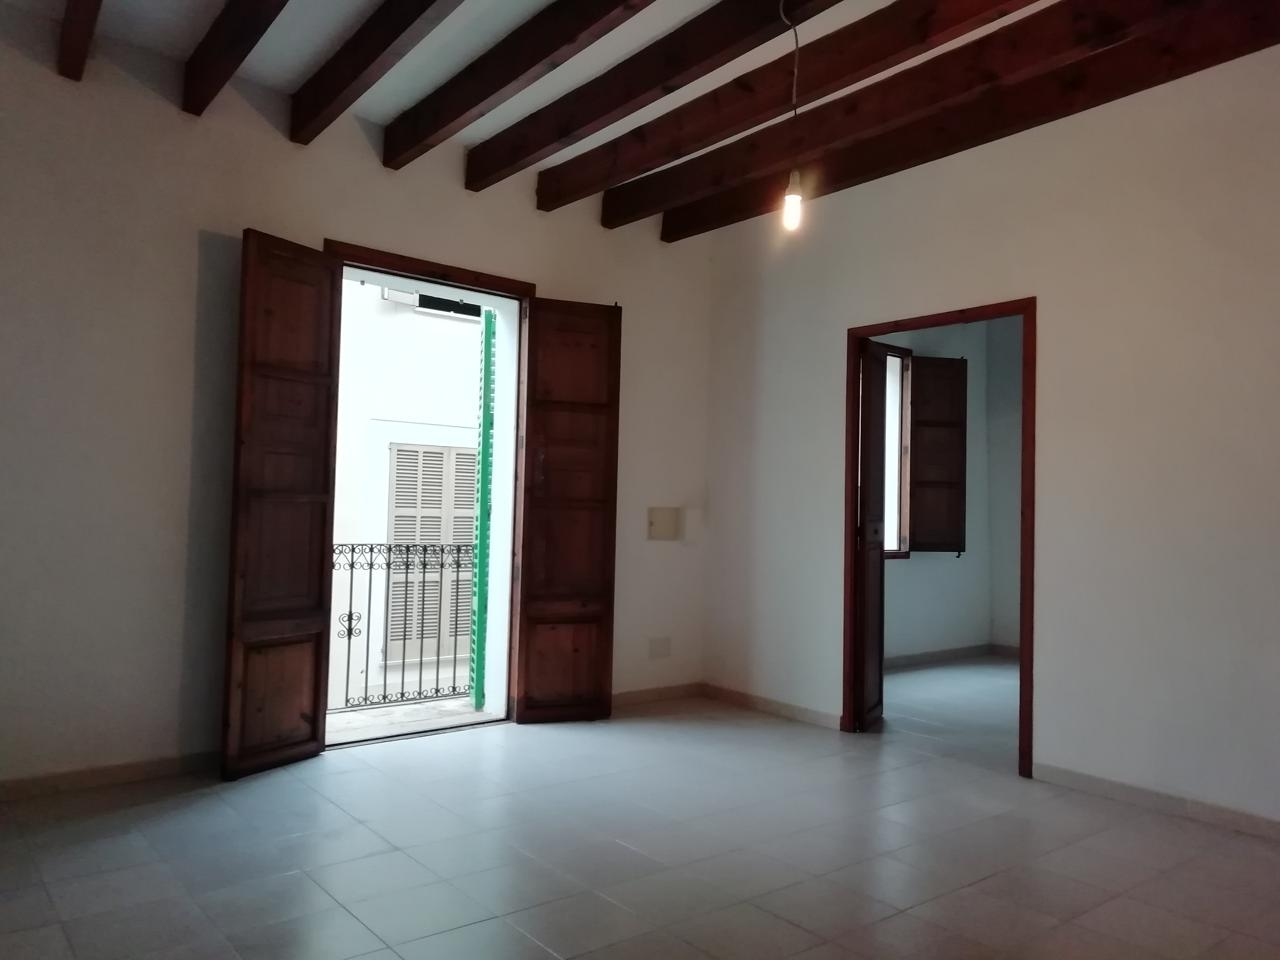 Alquiler Piso  Zona ayuntamiento. 1er piso de gran casa mallorquina con acceso independiente desde